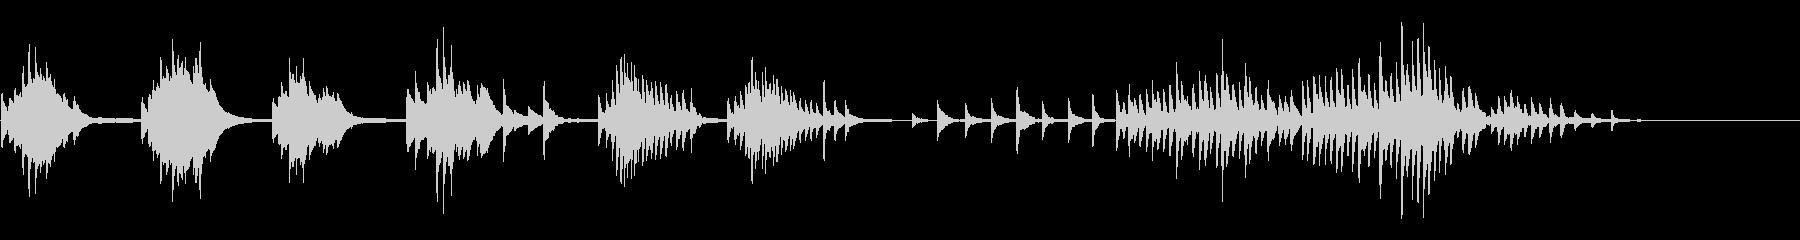 ピアノ 不穏 悲しいの未再生の波形